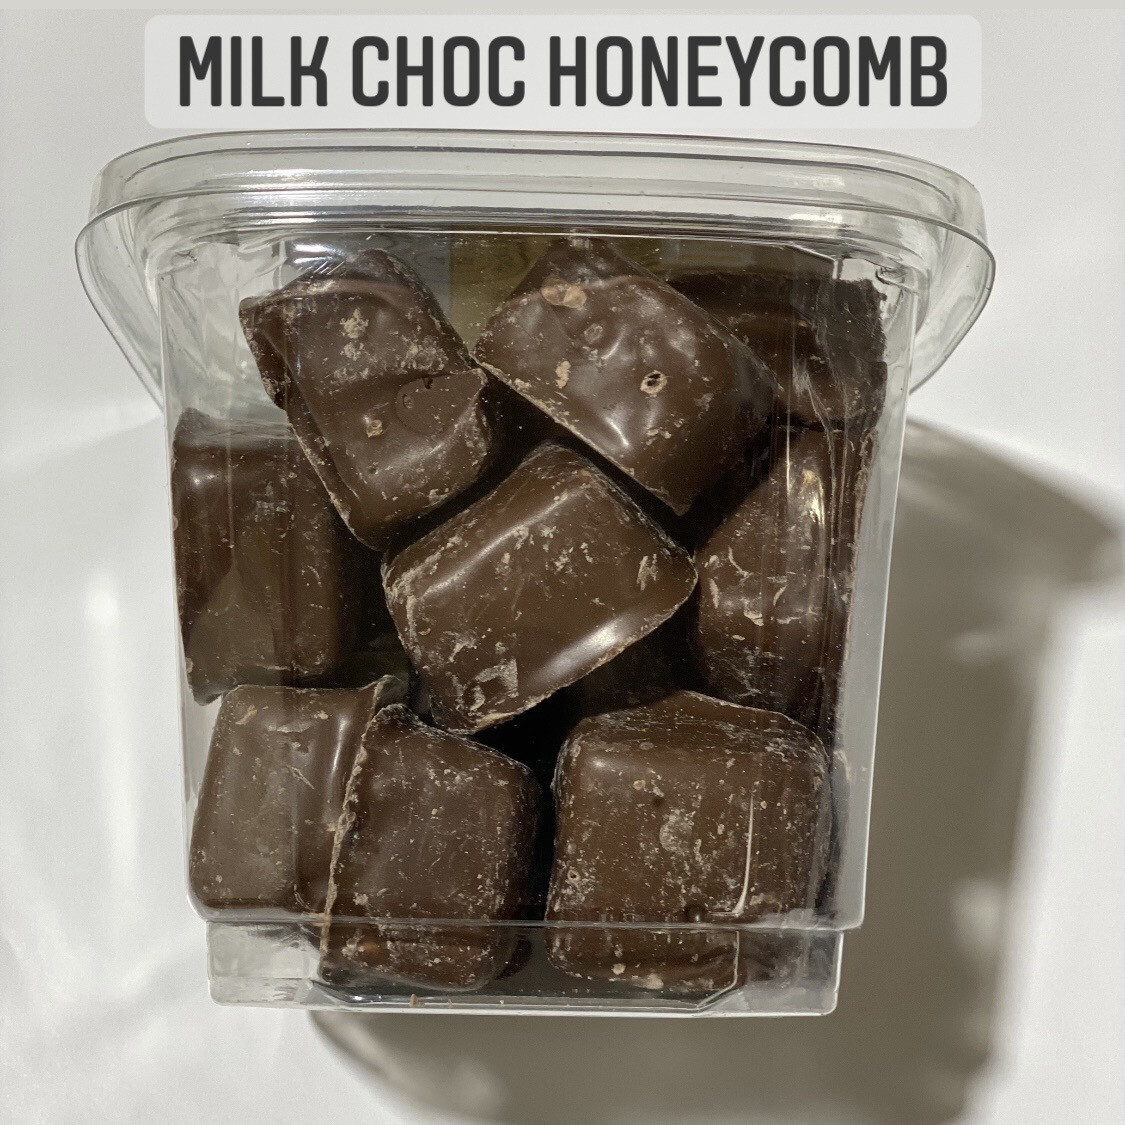 NEW - MILK CHOC HONEYCOMB